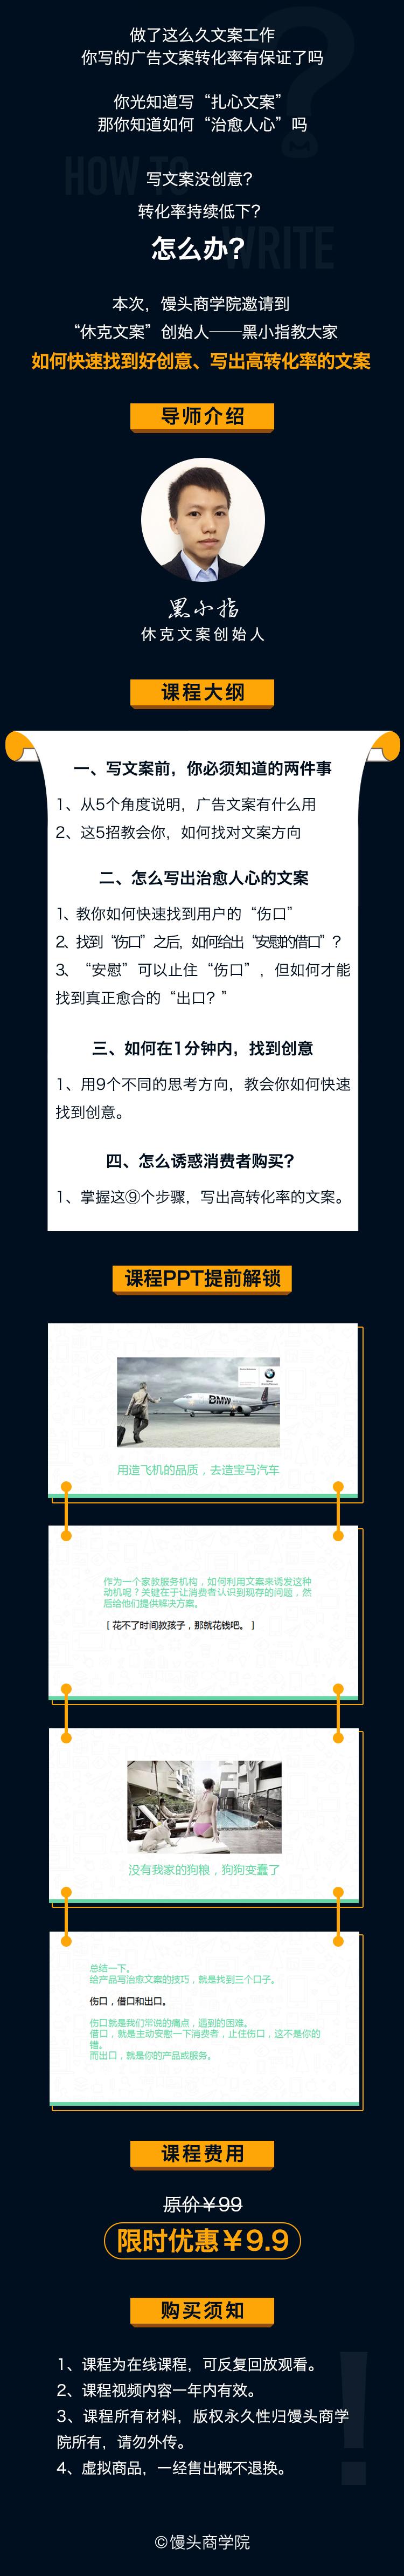 http://mtedu-img.oss-cn-beijing-internal.aliyuncs.com/ueditor/20190506143343_132908.jpg